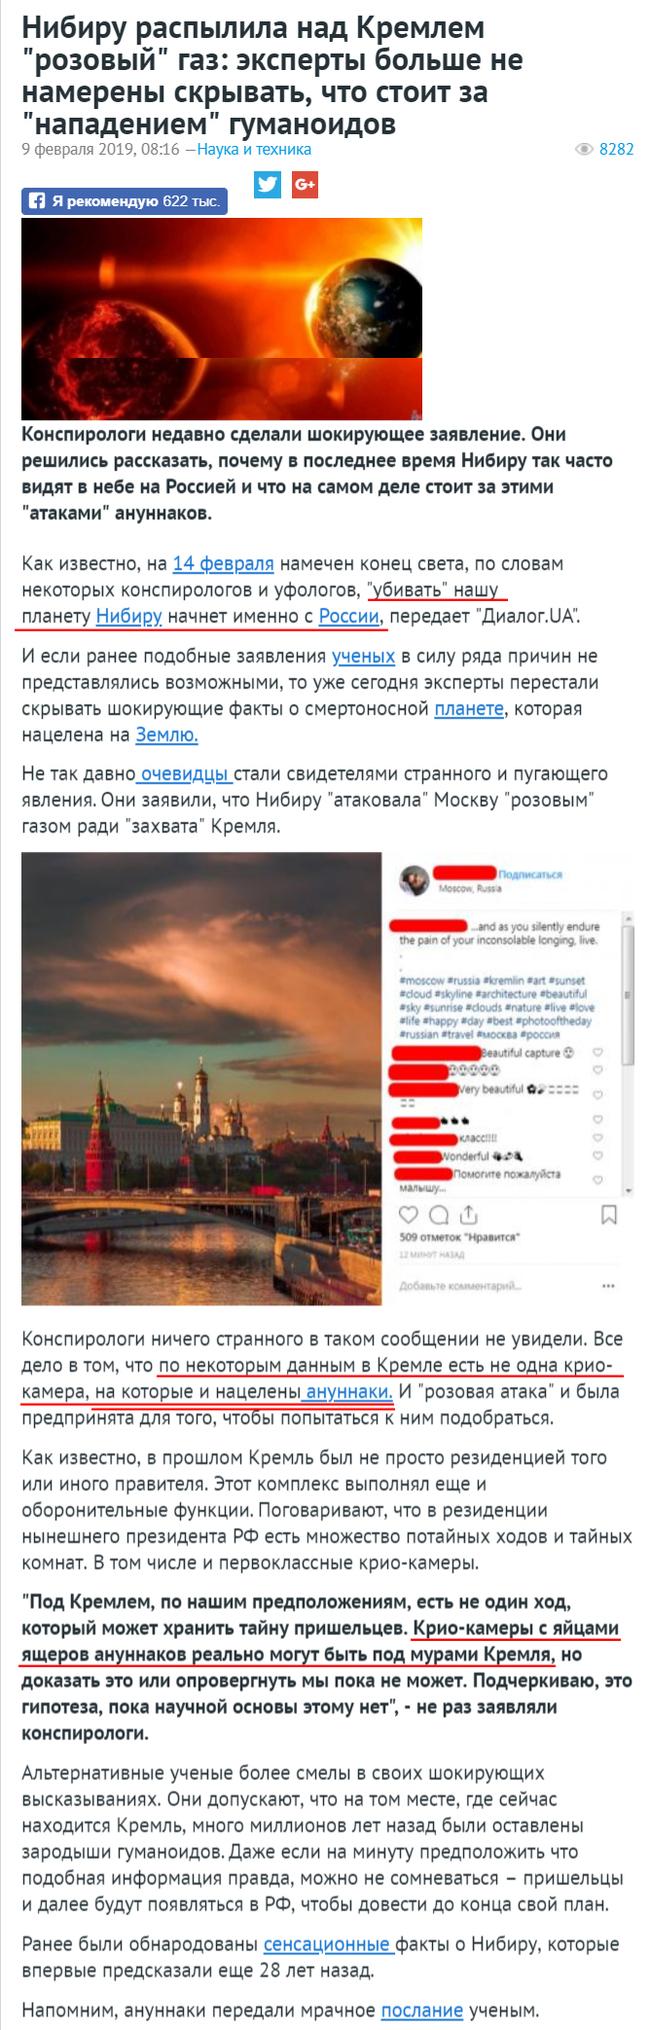 Я уже даже не знаю что сказать. Ануннаки тоже с ними!!! Украина, Политика, Ануннаки, Россия, Нибиру, Длиннопост